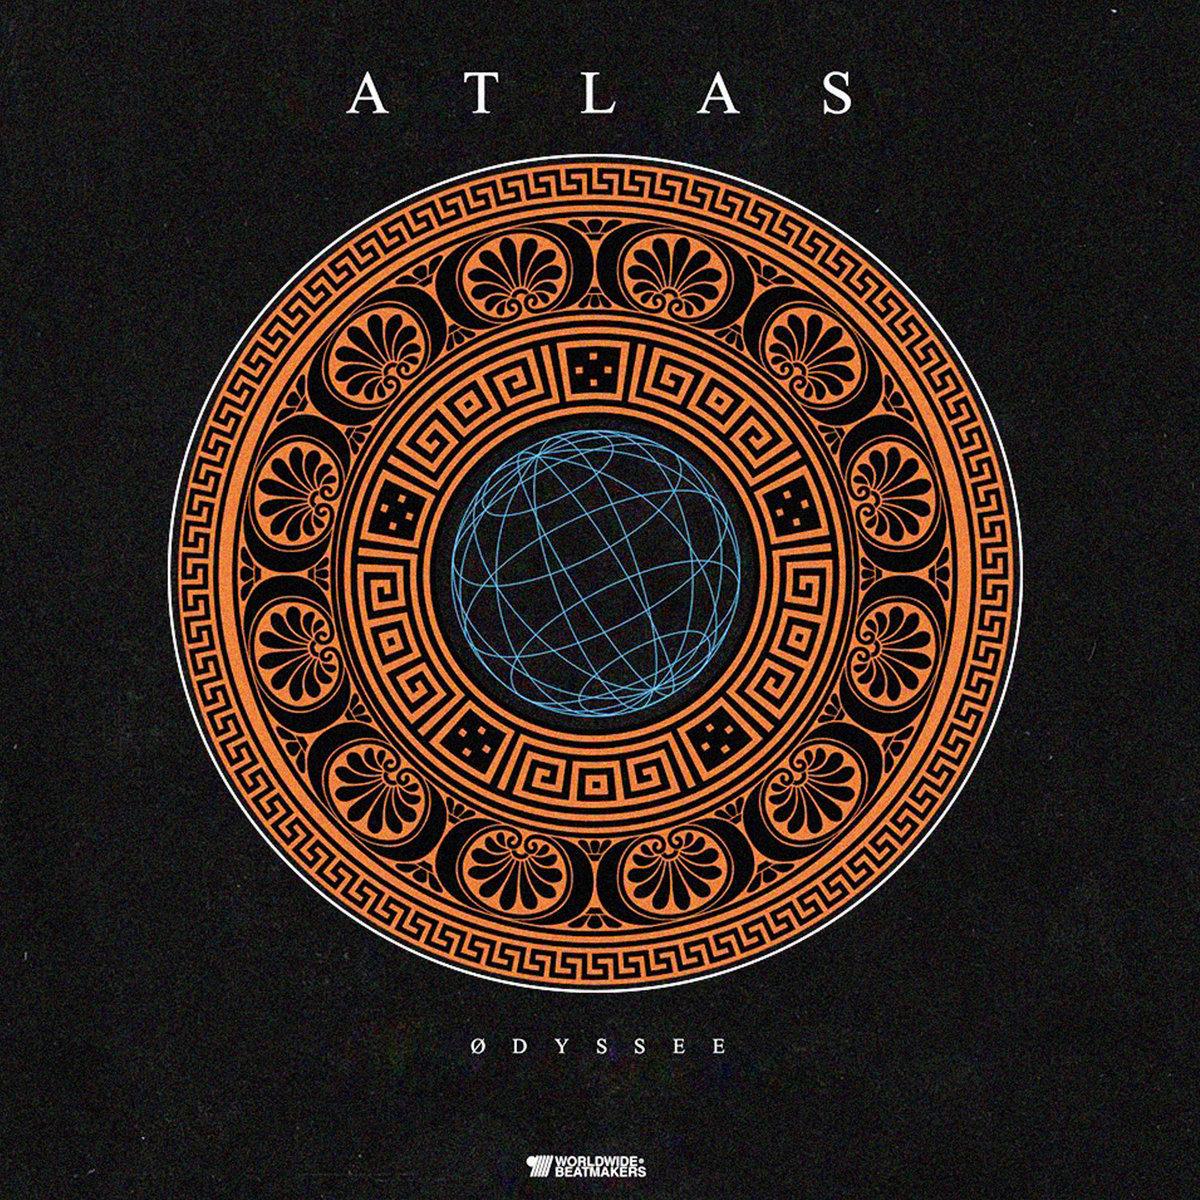 ØDYSSEE – ATLAS